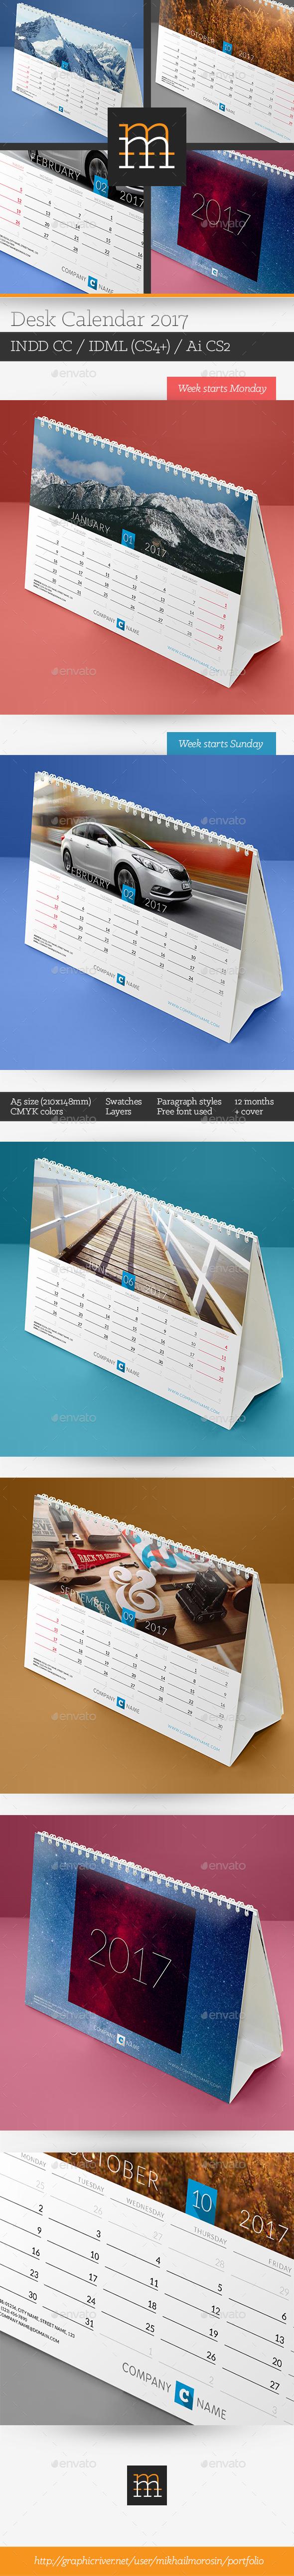 Desk Calendar 2017 - Calendars Stationery